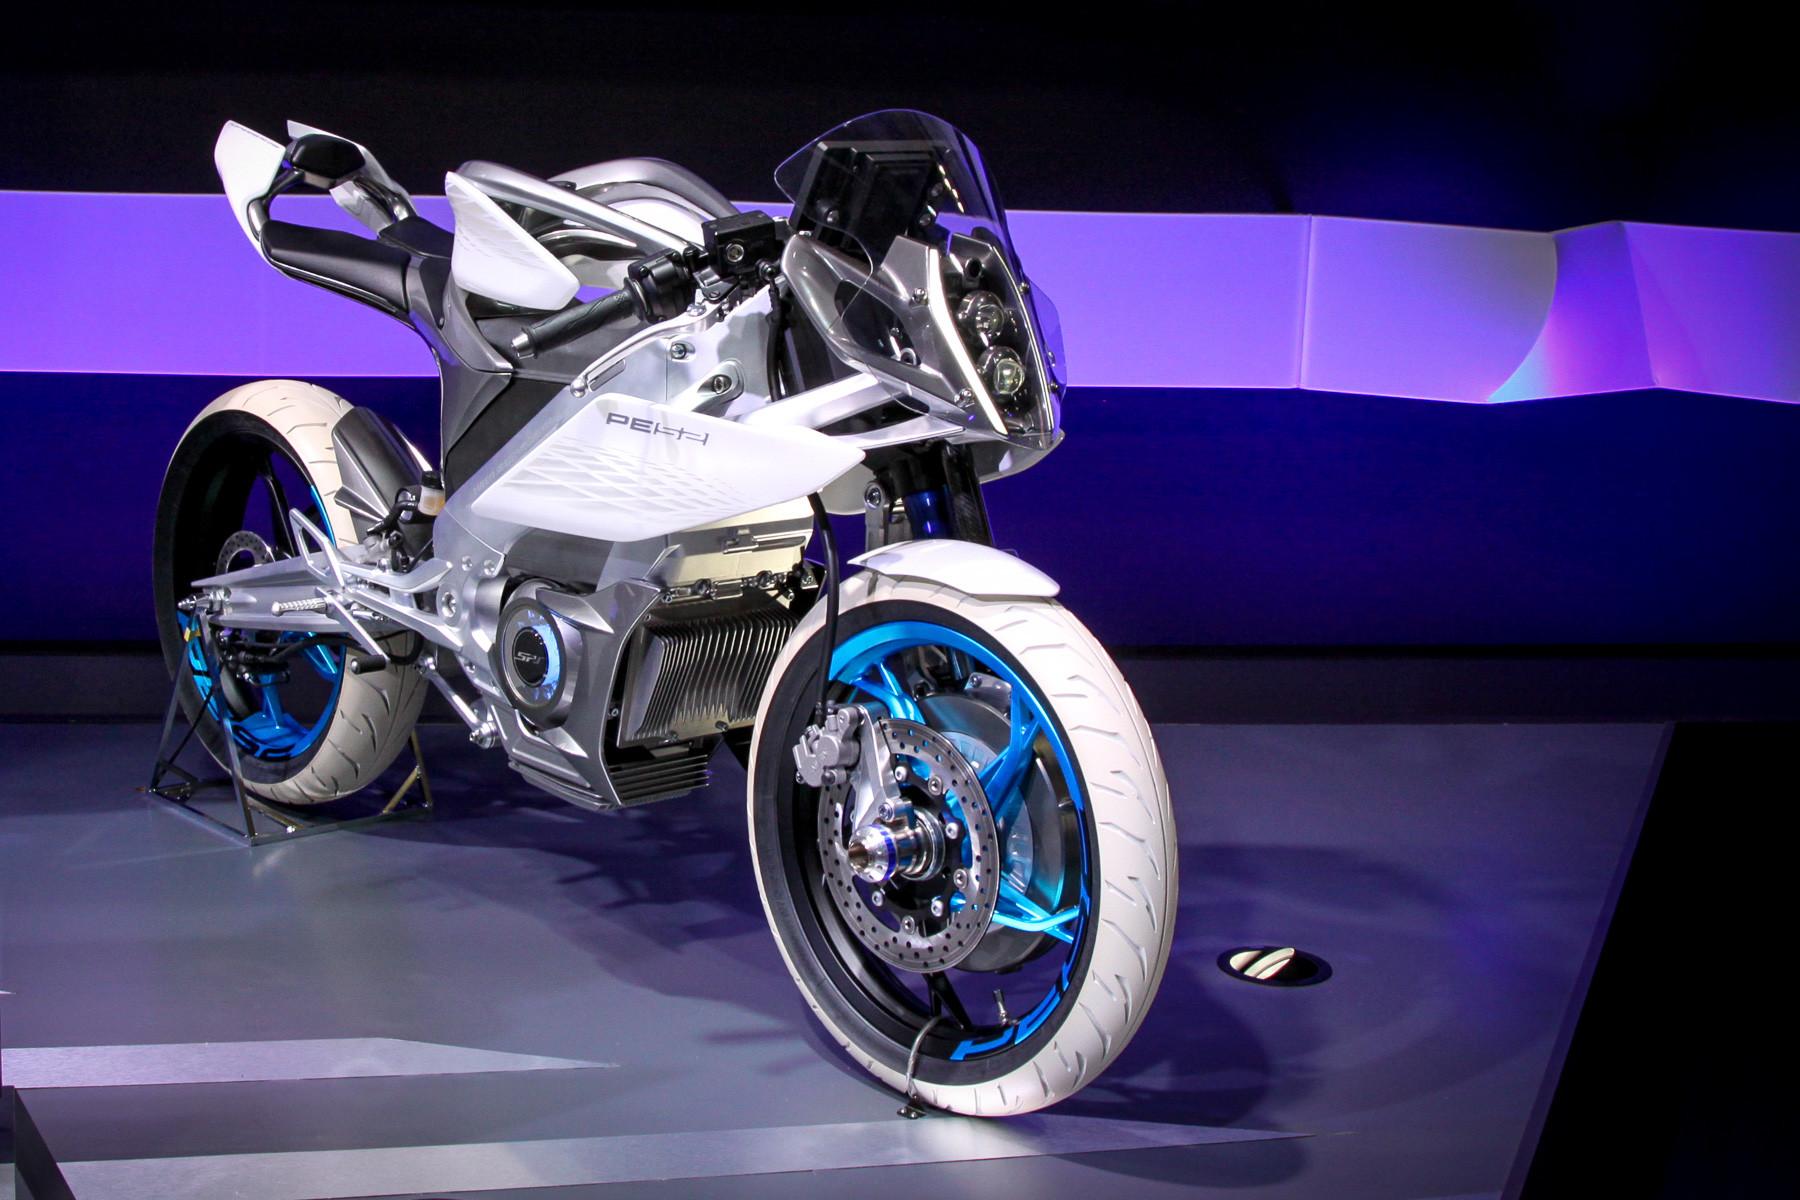 немецкая картинки самого крутого мотоцикла в мире можете заказать оснащение